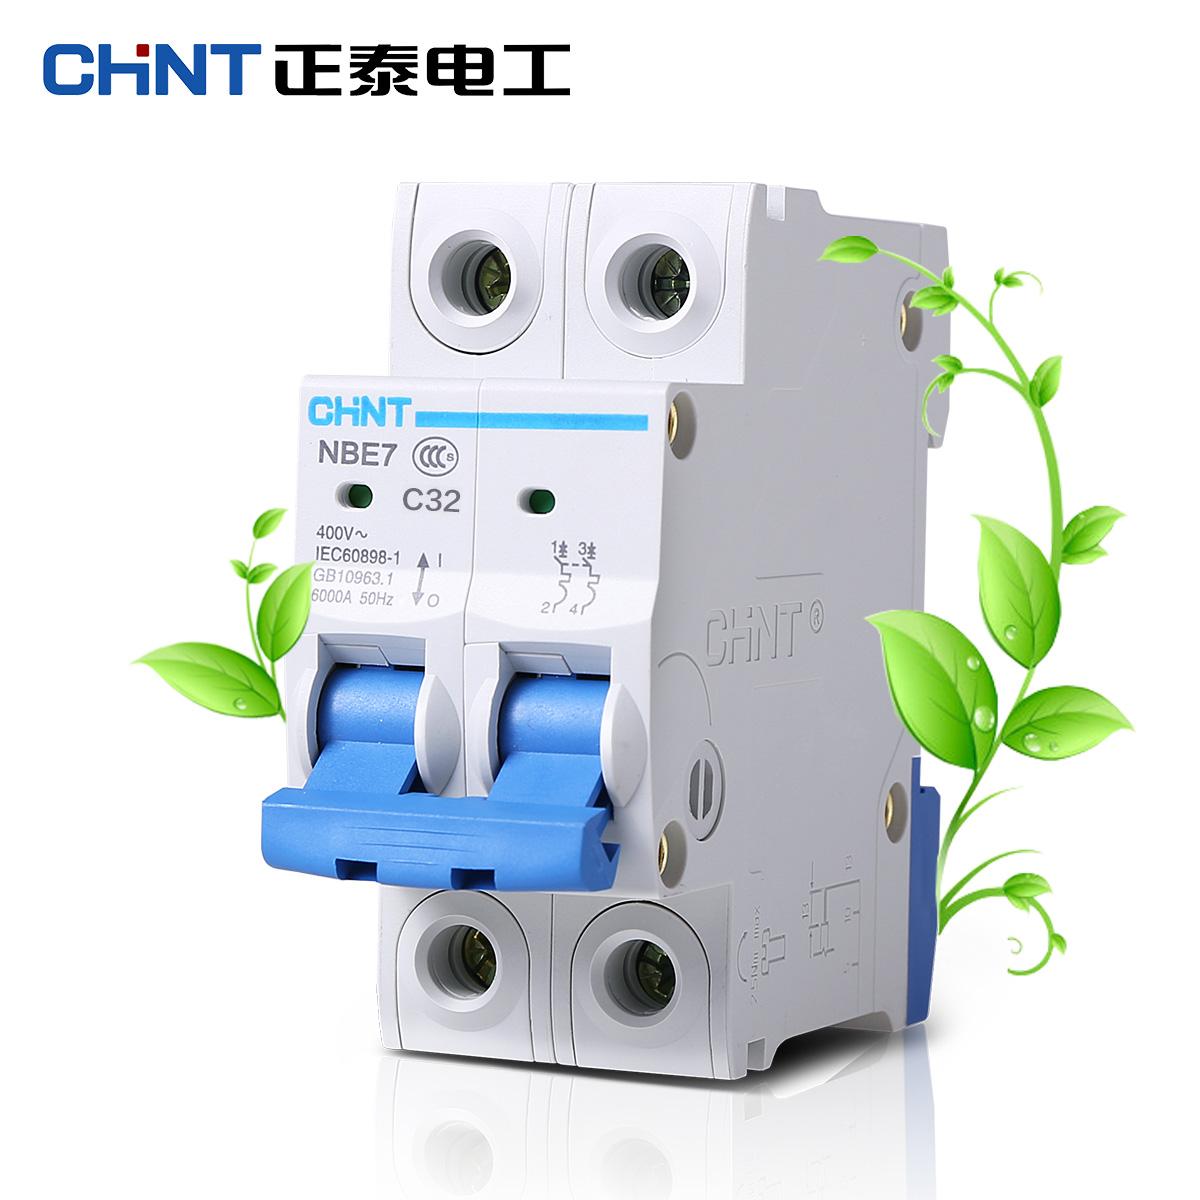 Автоматический выключатель Chnt 2P 32A C32 автоматический выключатель sh202l 2p 20а с 4 5ка